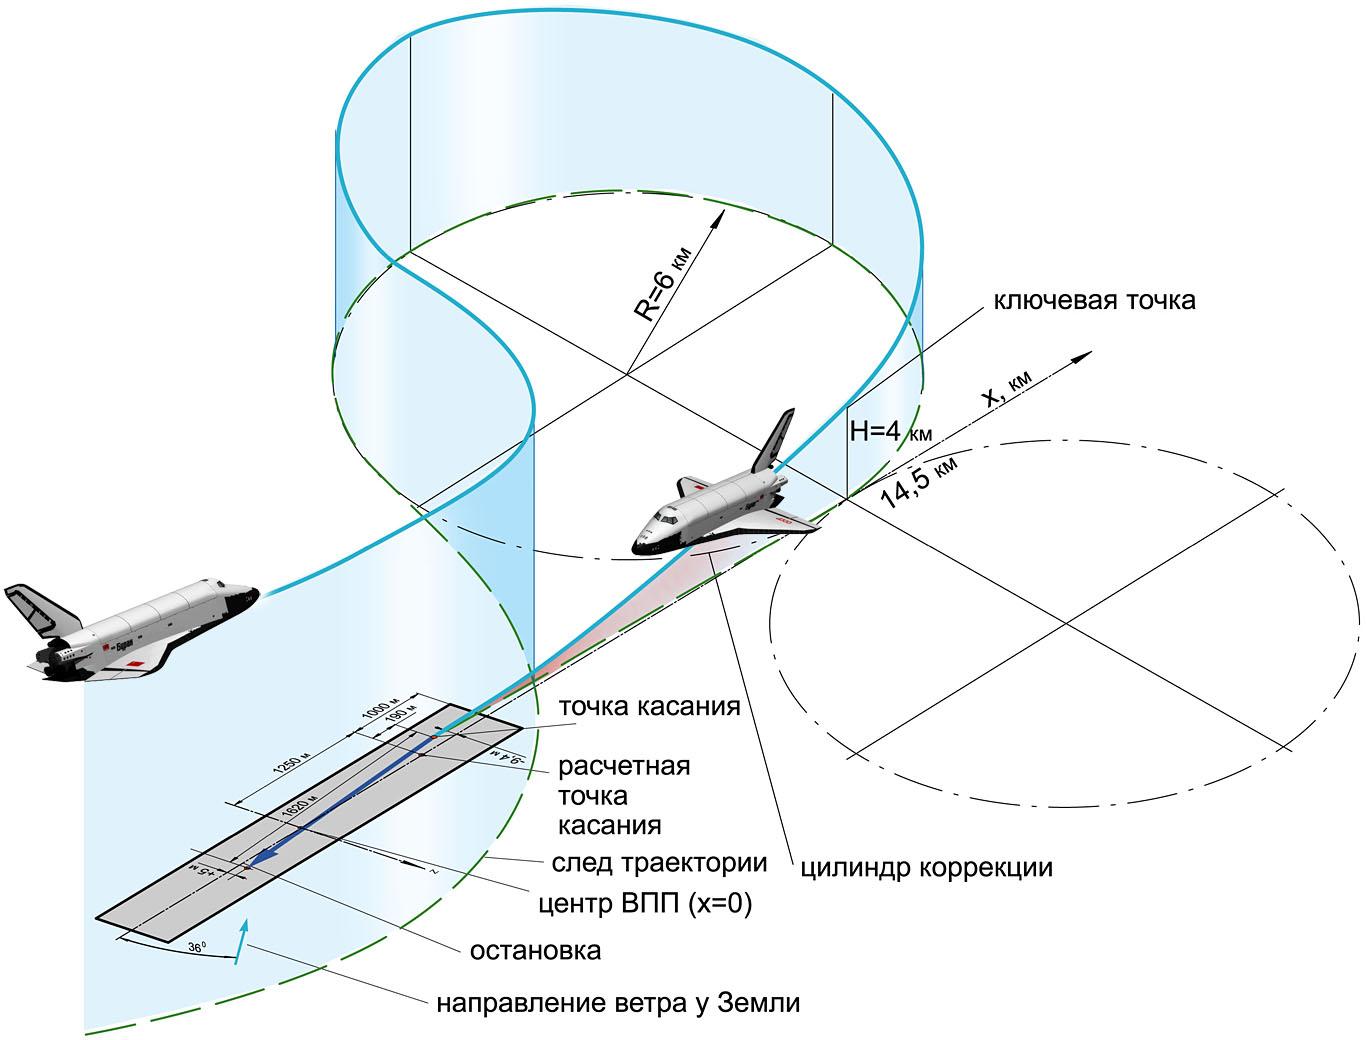 Схема полета по кругу